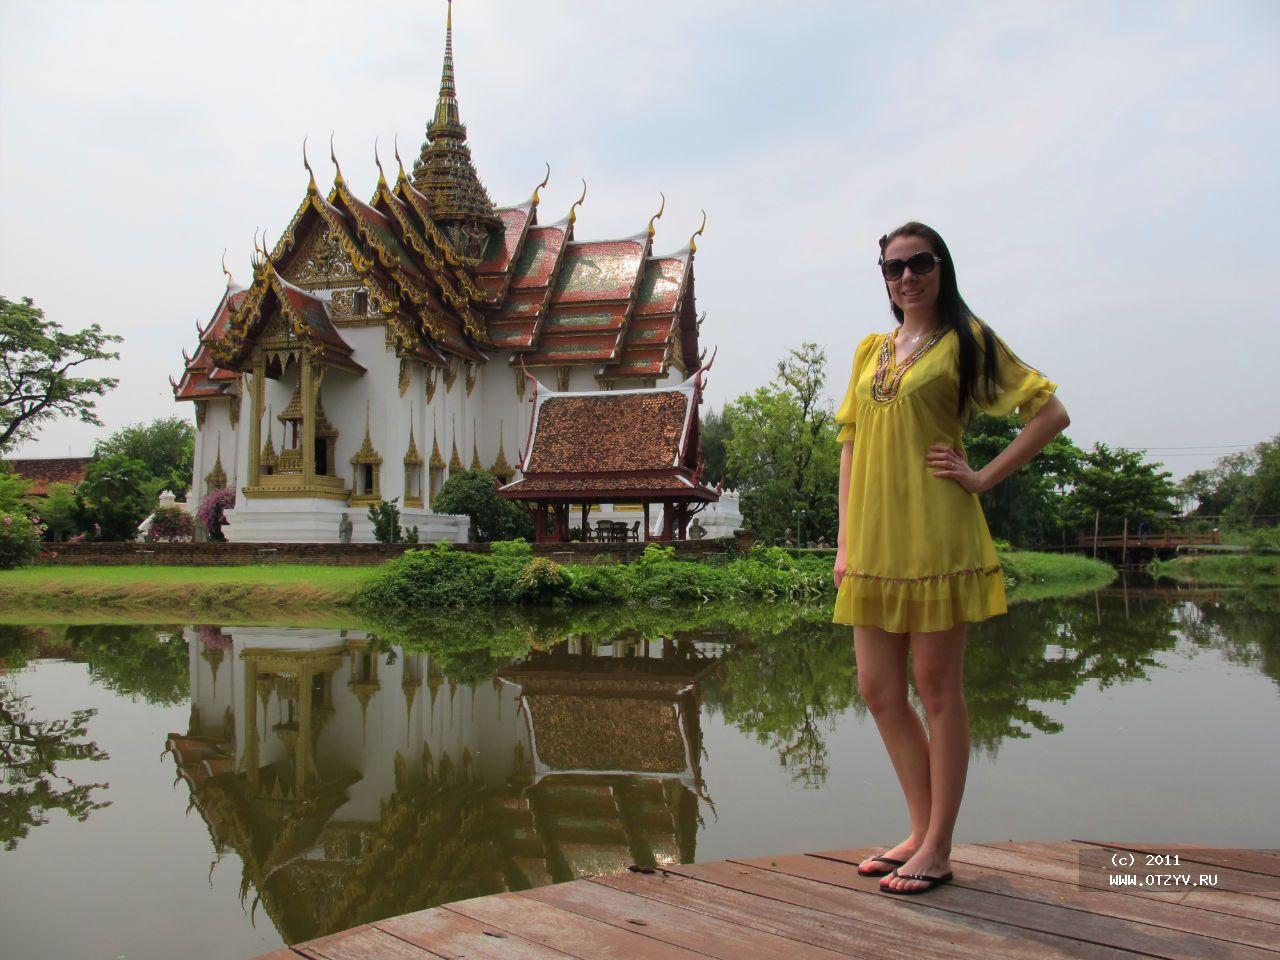 можно понять фотосессия в бангкоке очень красивые виды